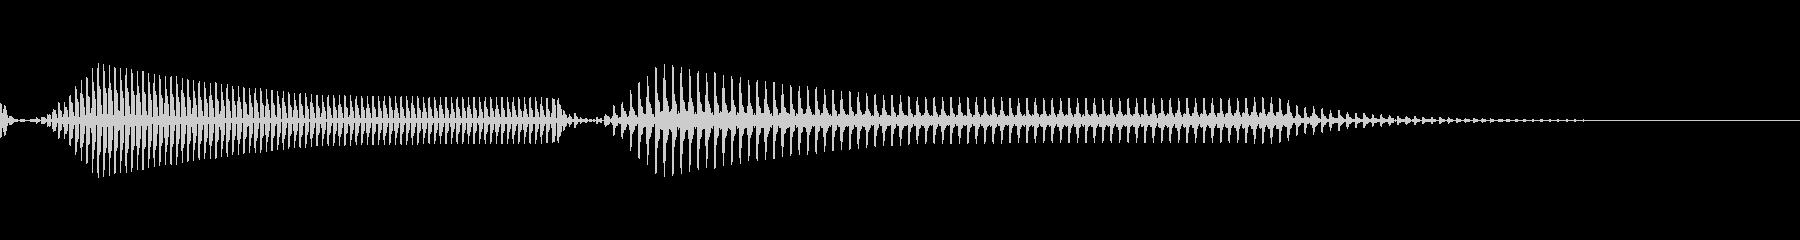 懐かしの80年代のPC起動音風 01の未再生の波形